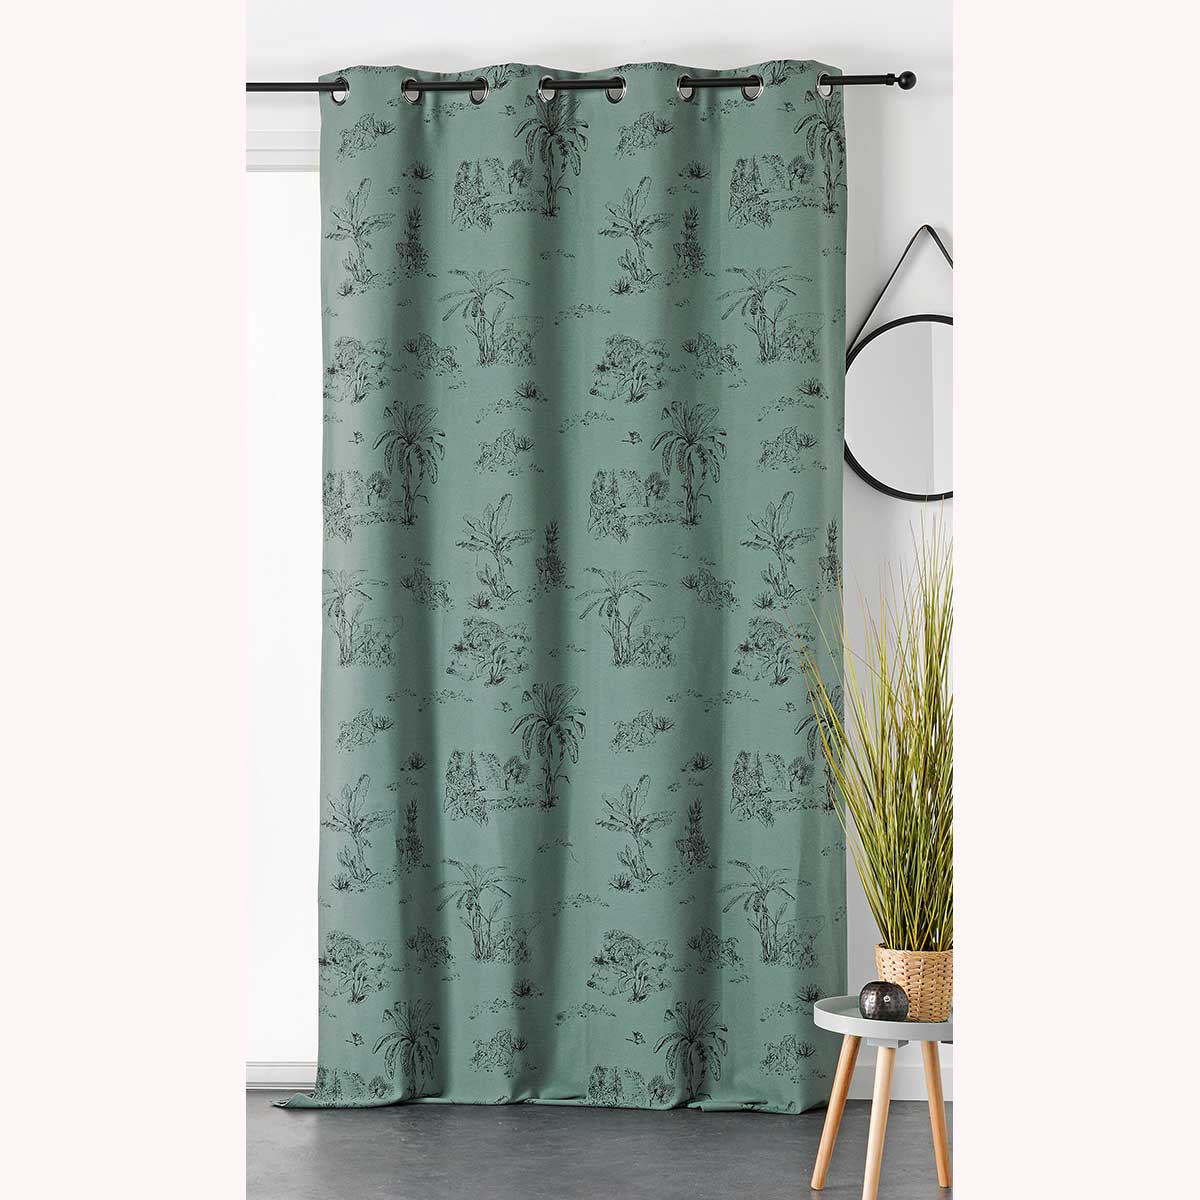 Rideau tamisant à impressions exotiques - Vert - 140 x 240 cm